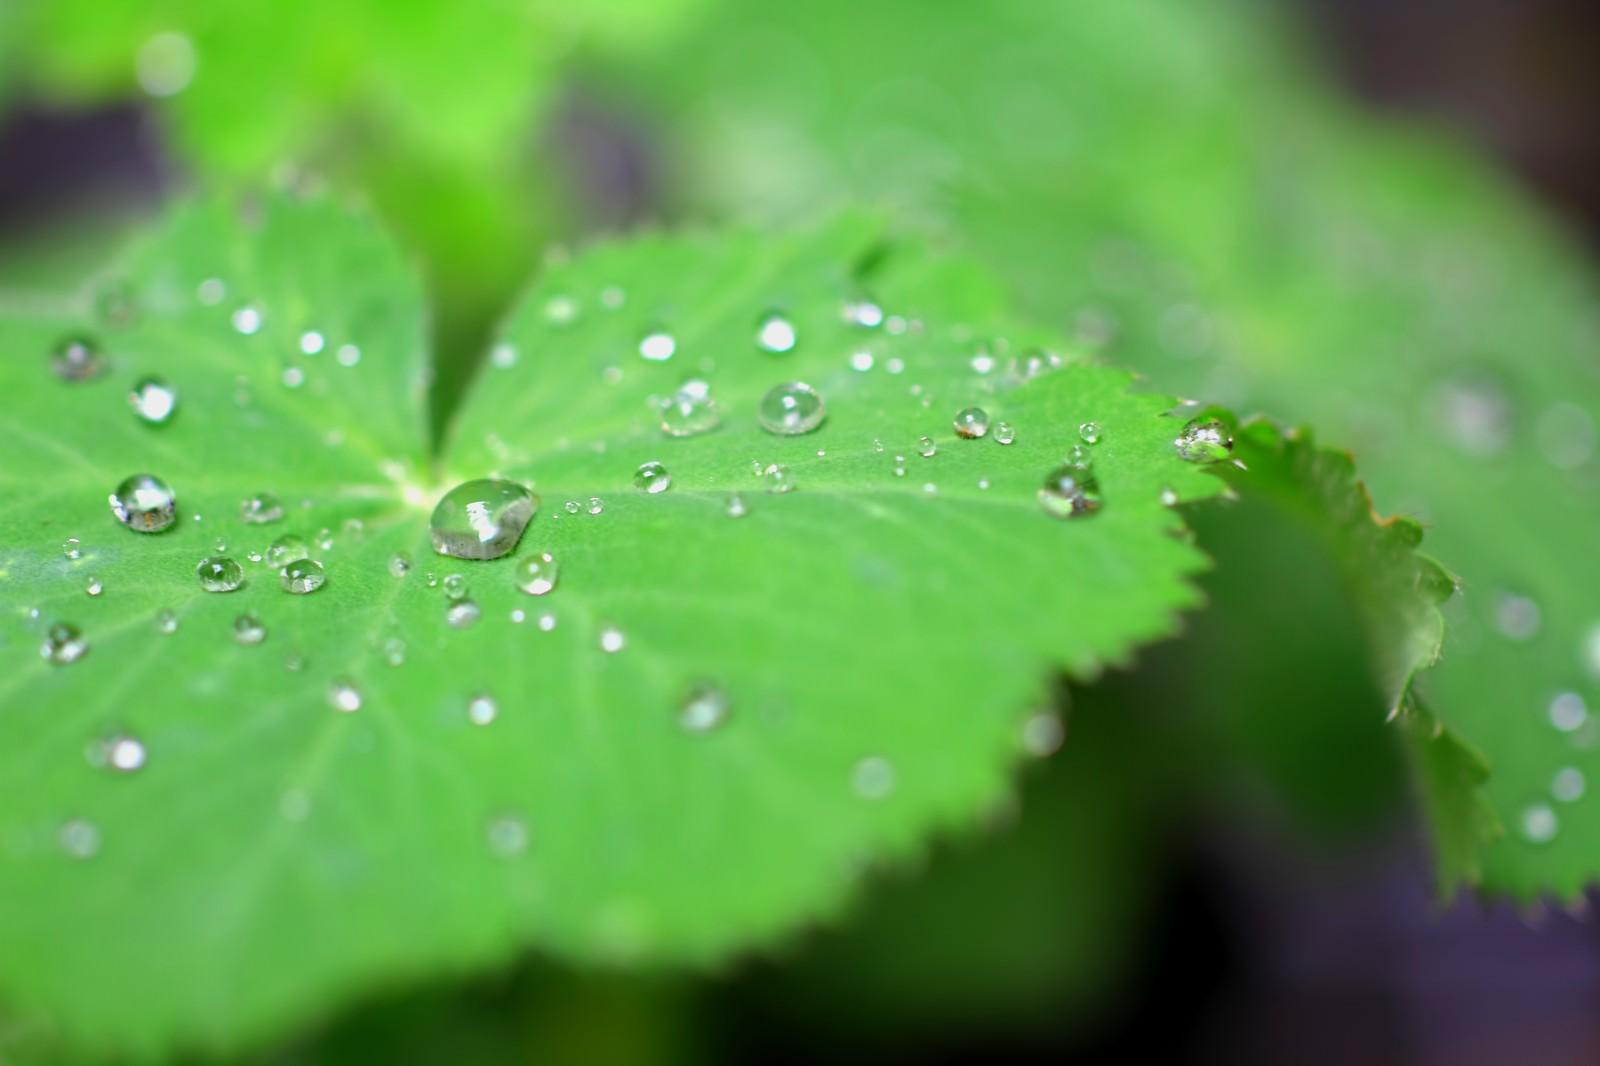 「葉の上の水滴」の写真